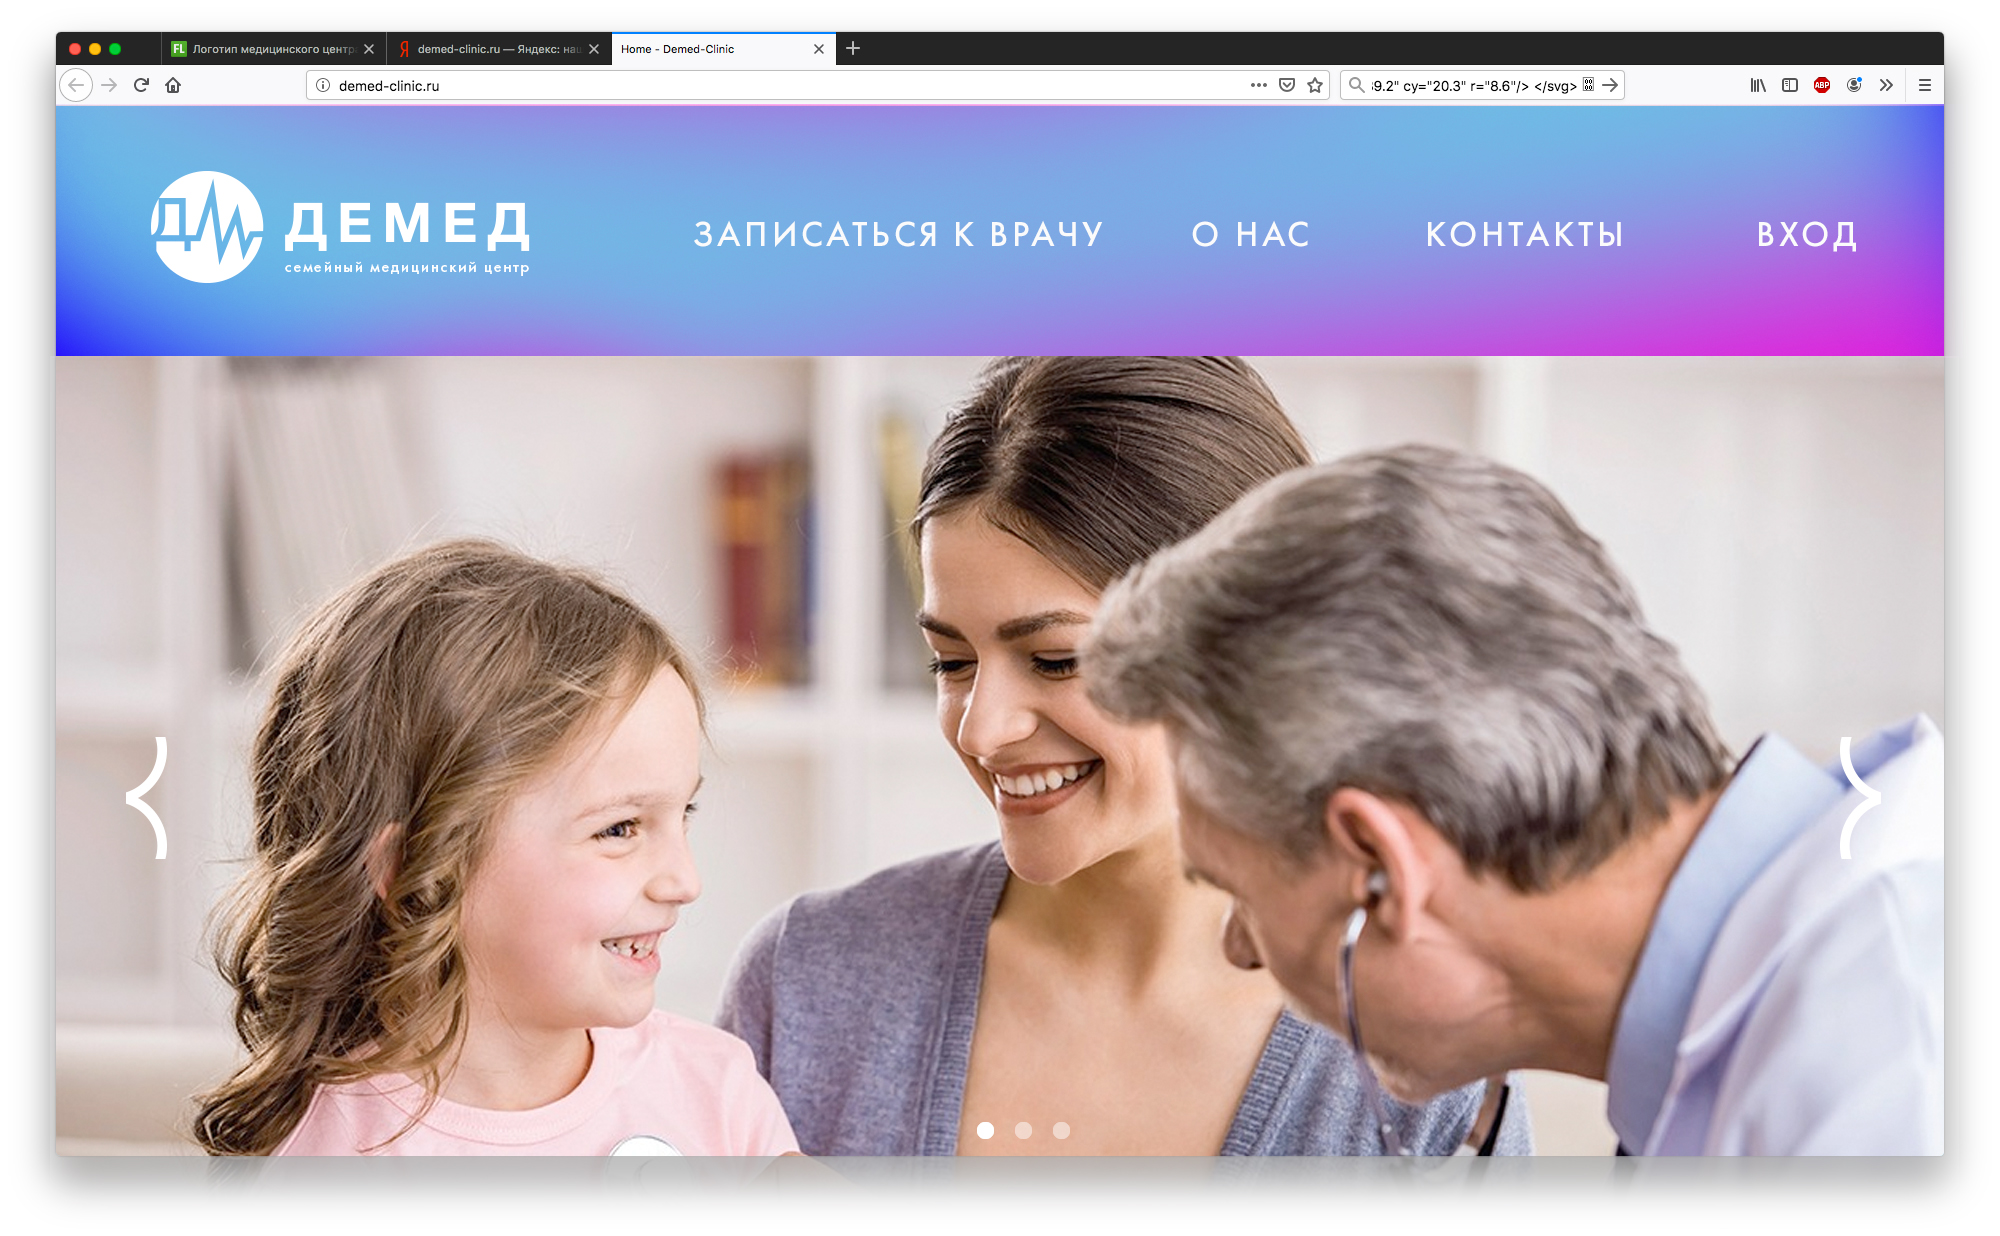 Логотип медицинского центра фото f_1745dc9a9b1b7bd6.jpg